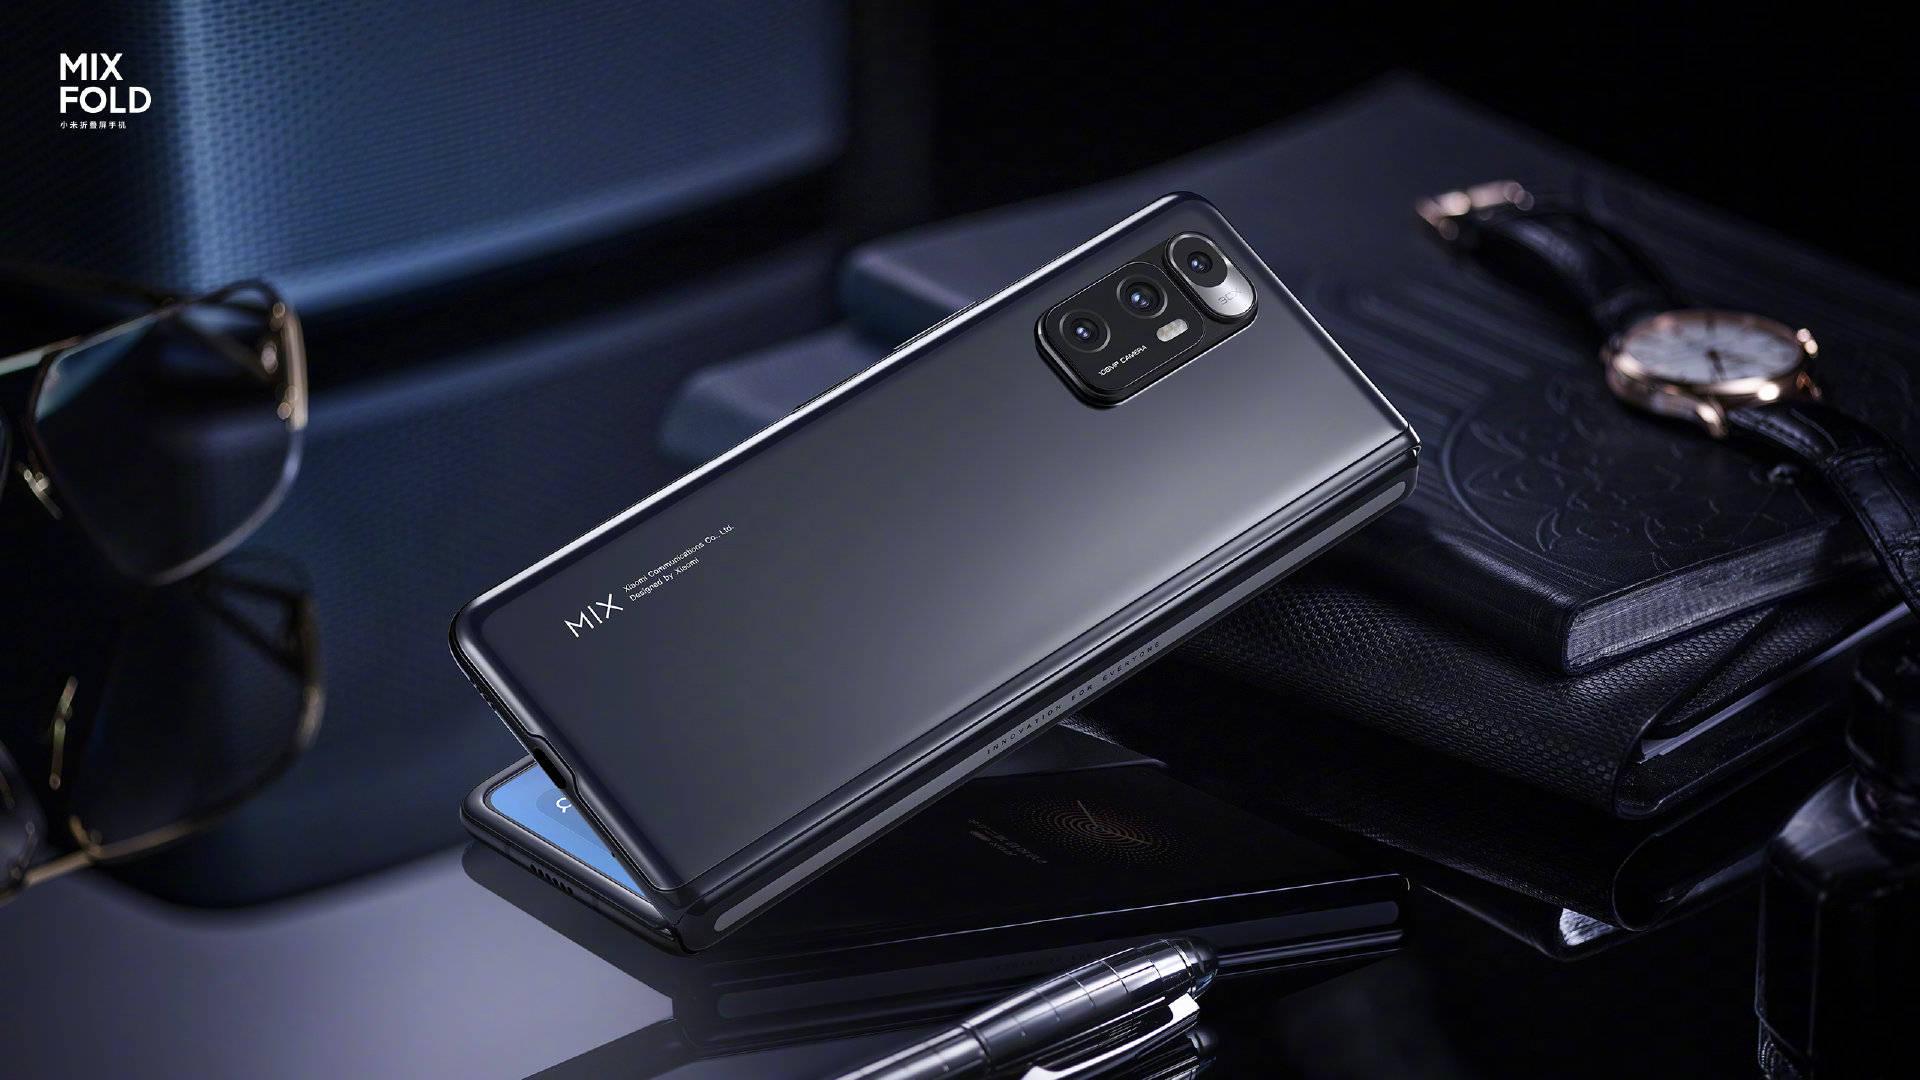 El Xiaomi Mi Mix Fold 2 llegaría a finales de año con cámara selfie bajo pantalla. Noticias Xiaomi Adictos